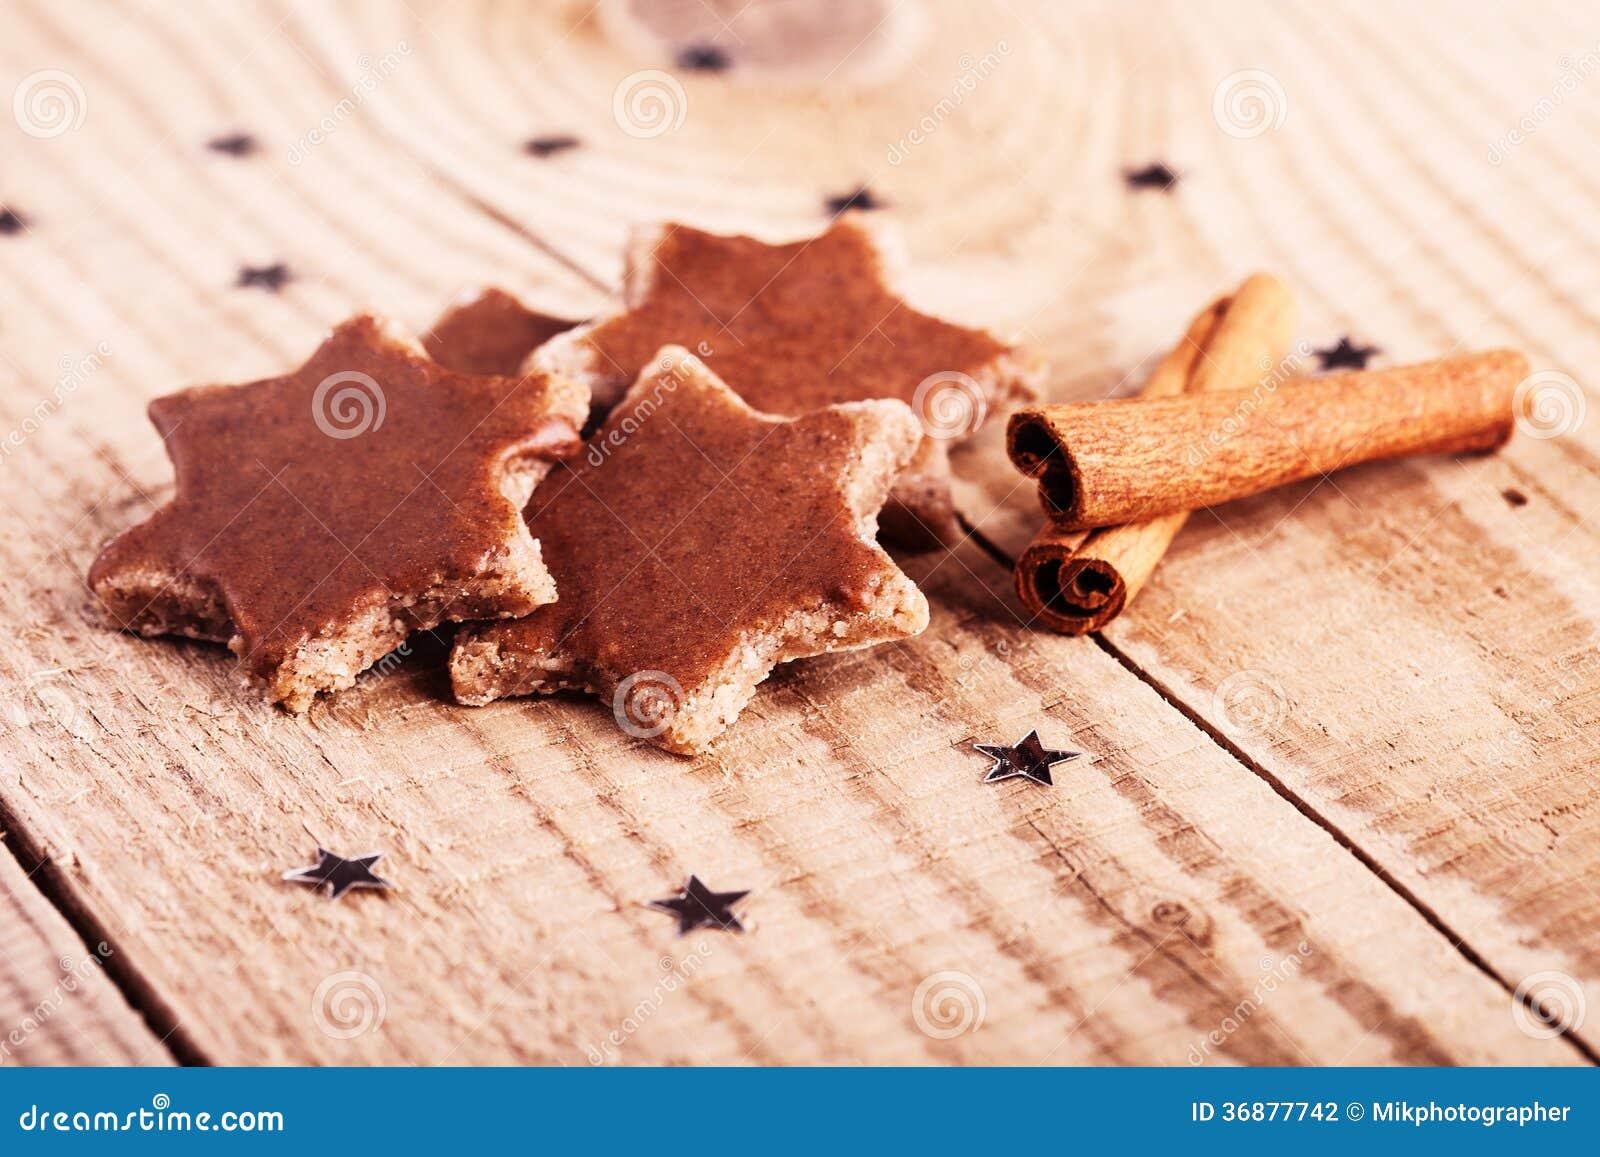 Download Biscotti di Natale fotografia stock. Immagine di avvenimento - 36877742